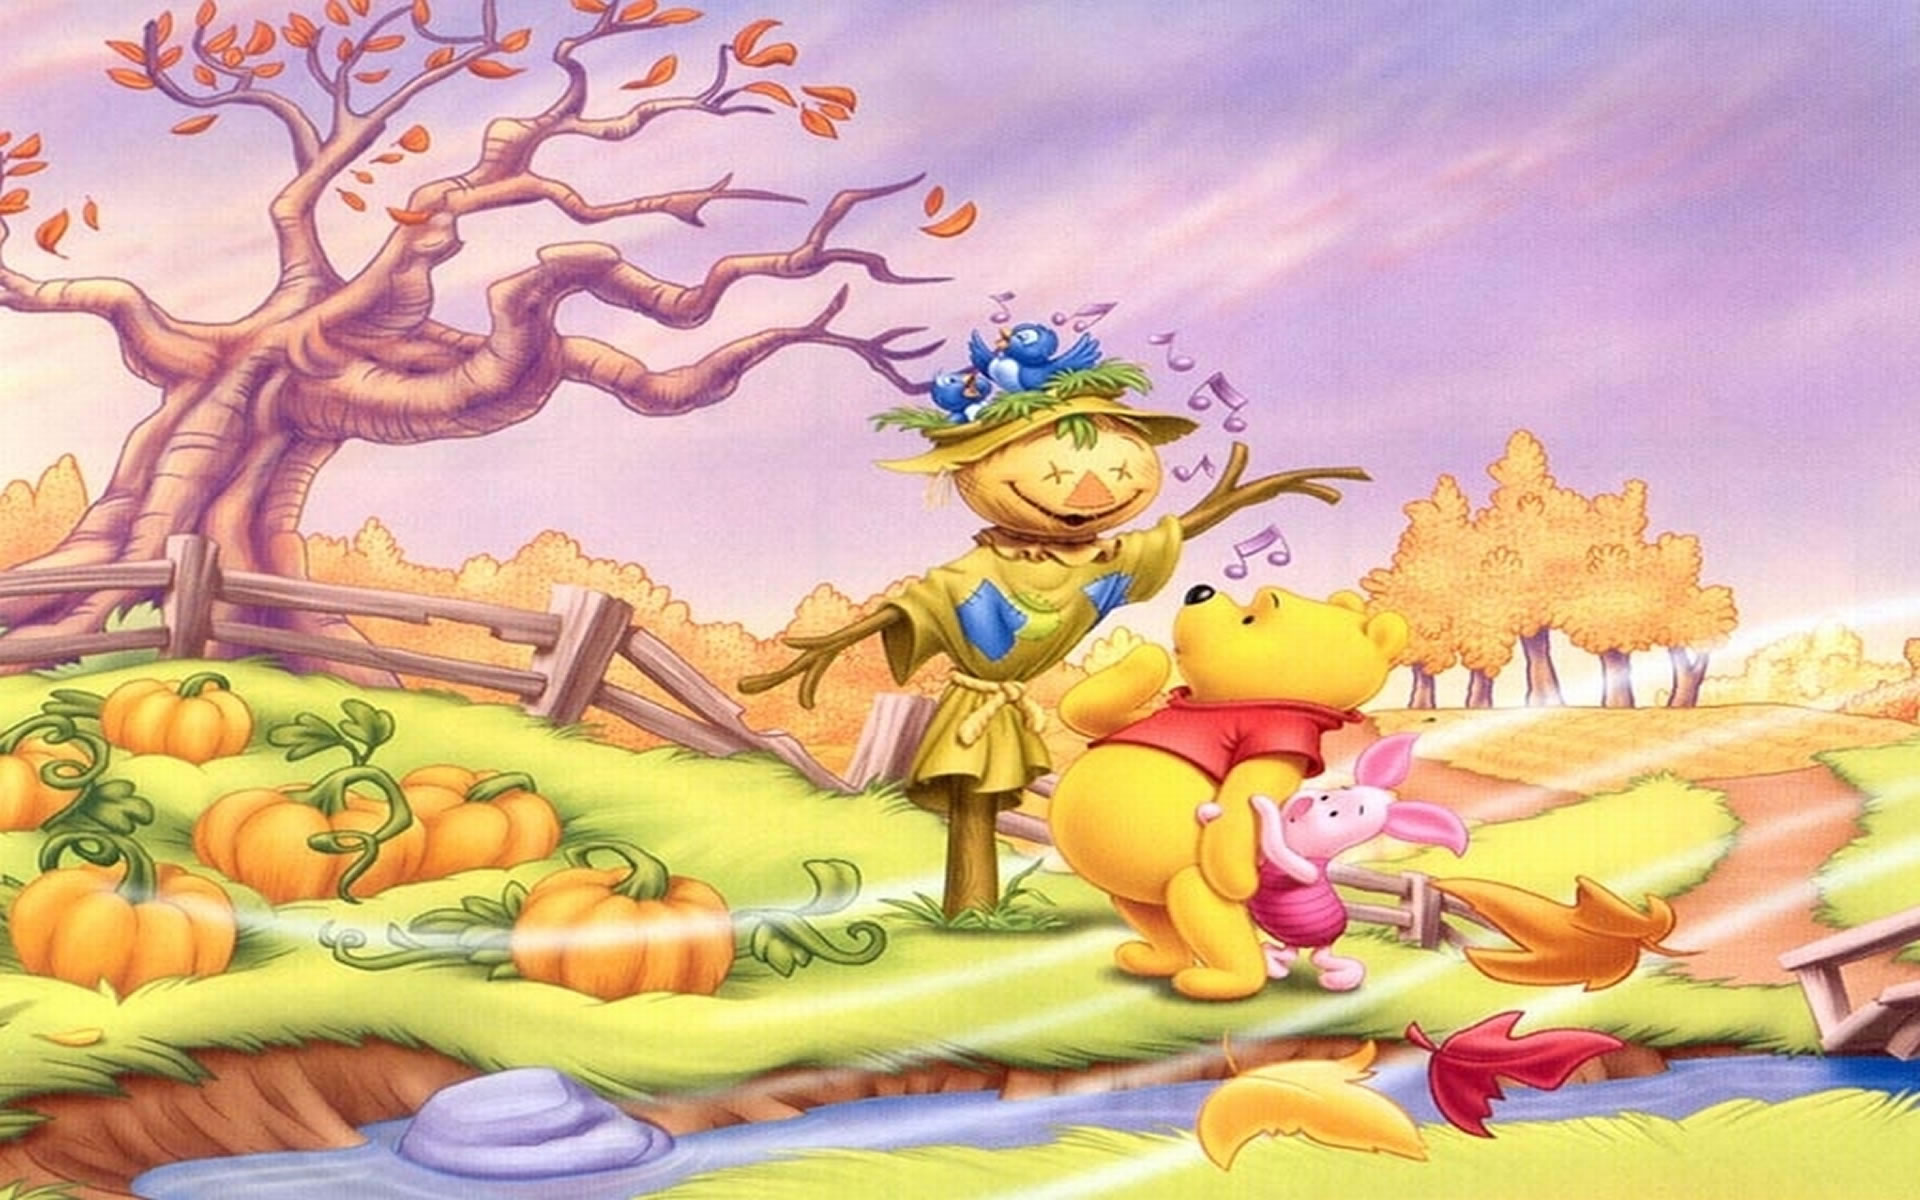 Wallpaper Winnie The Pooh